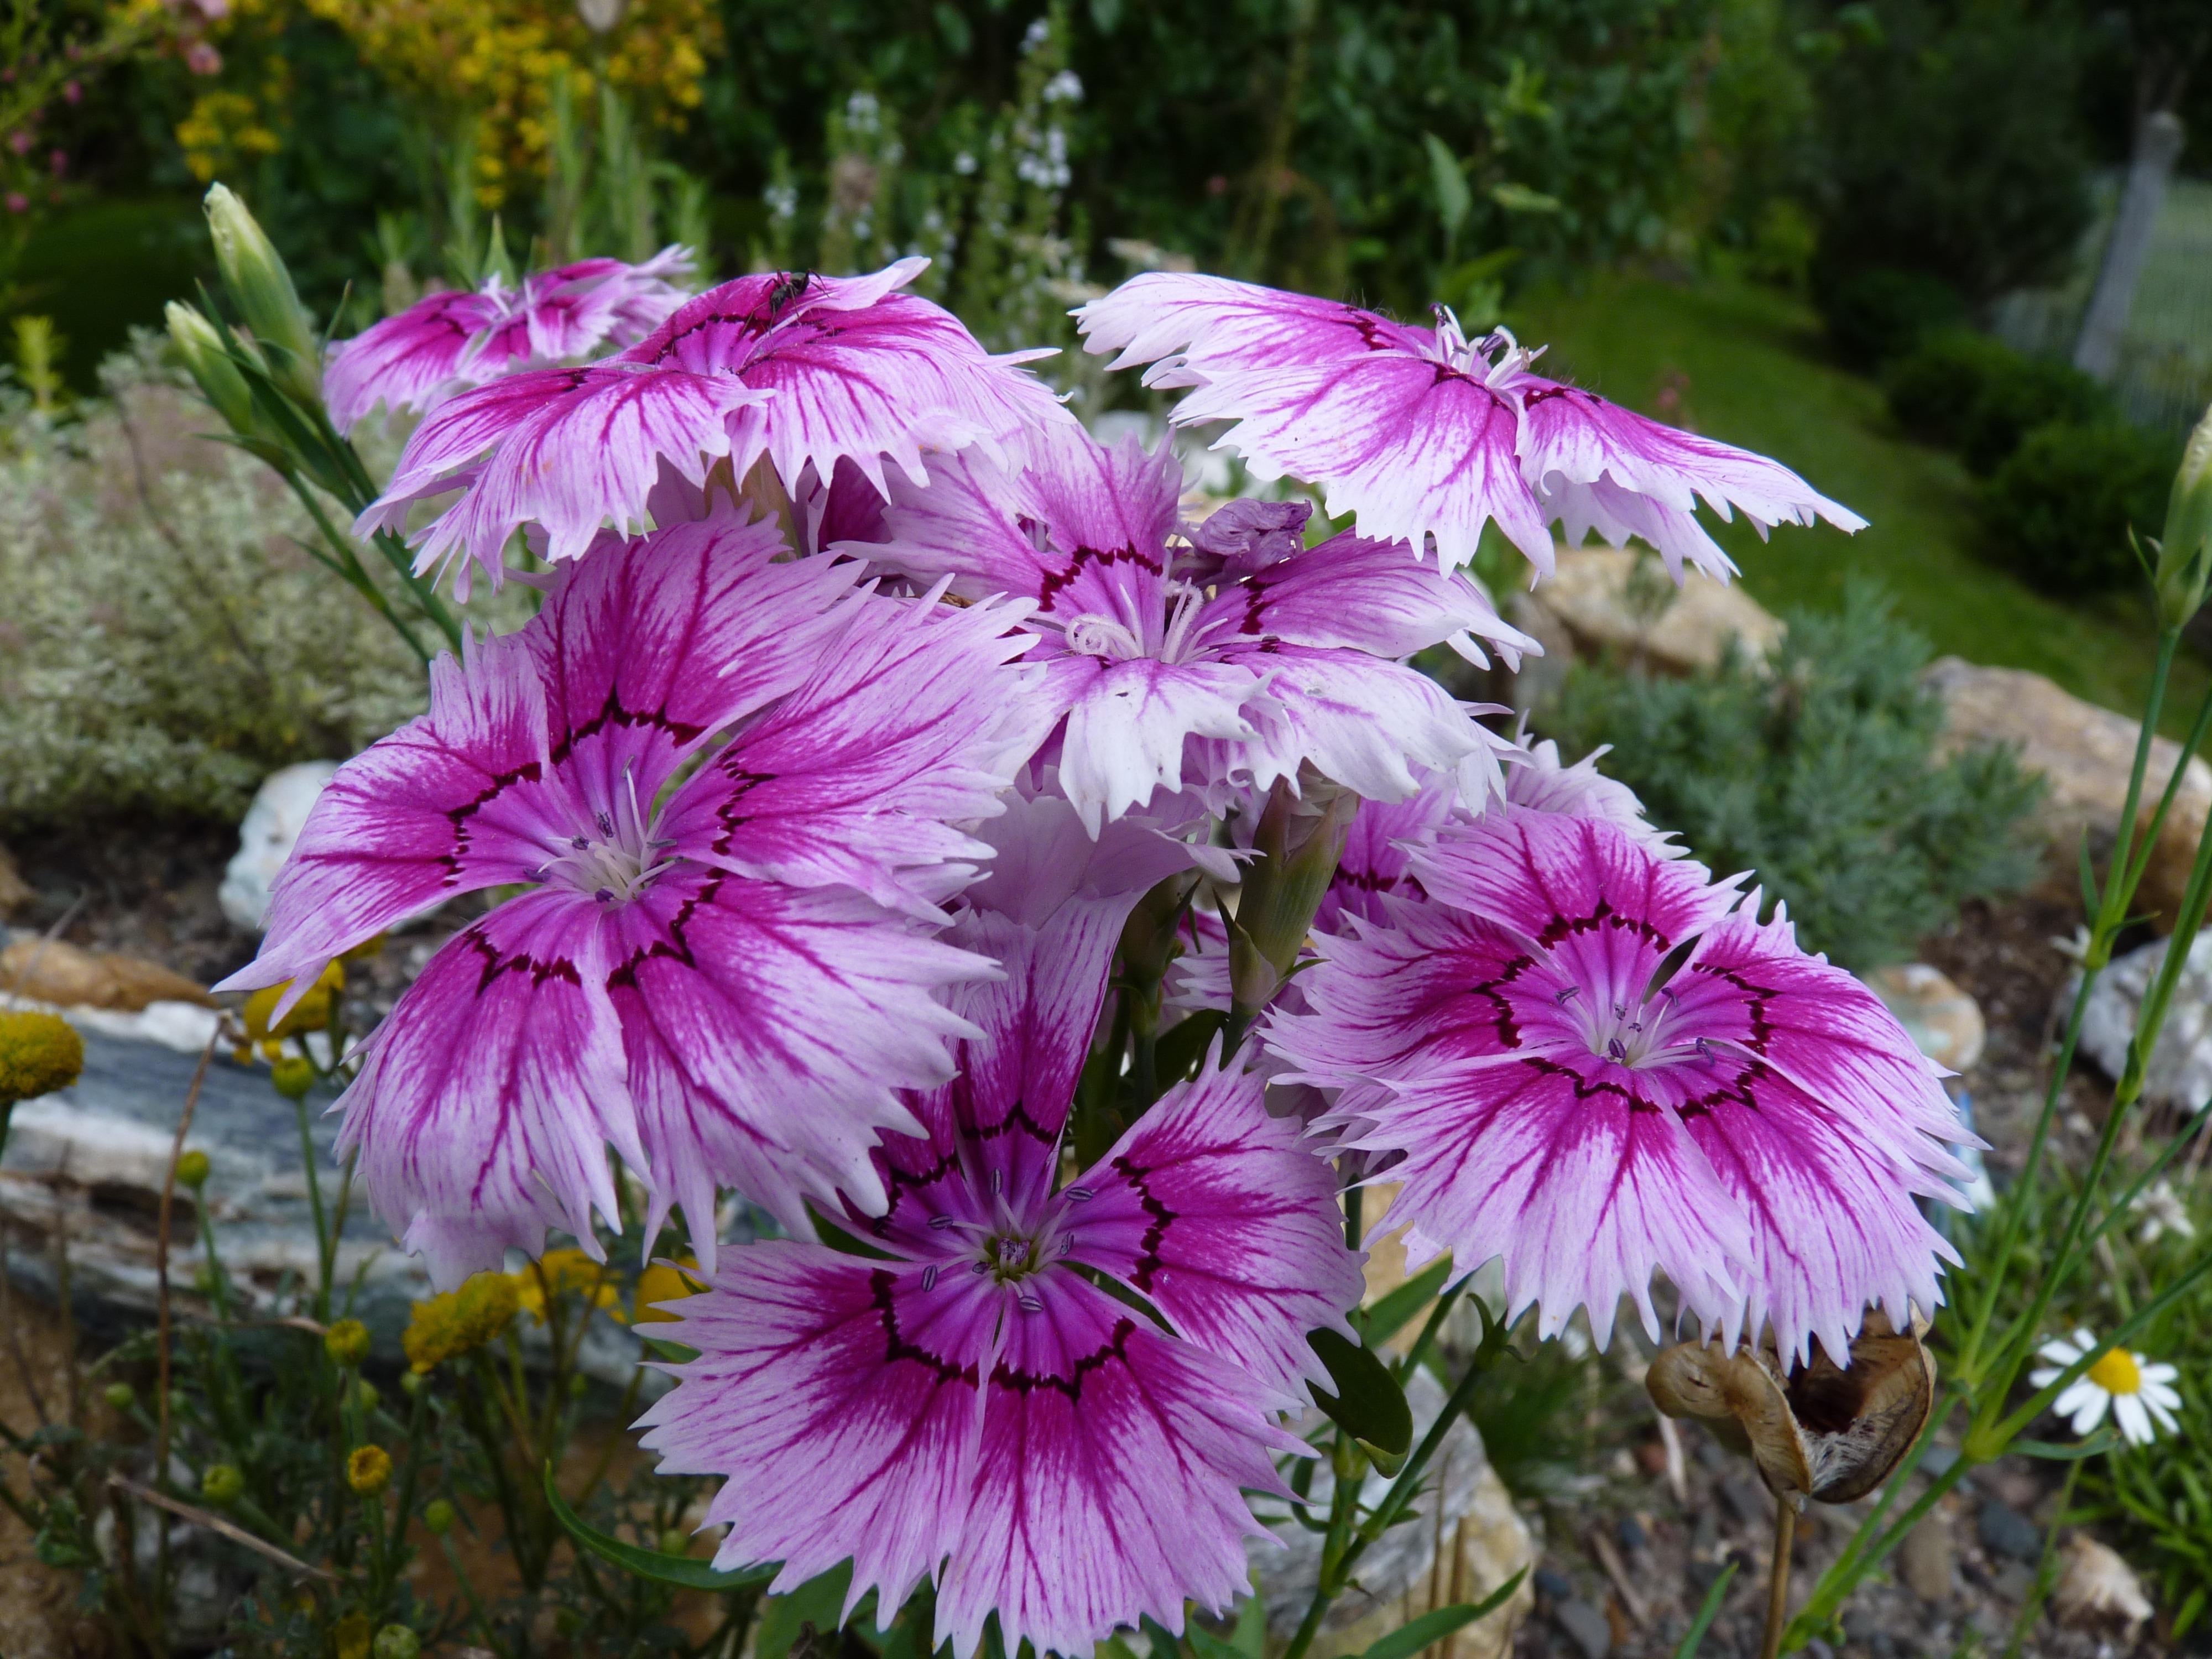 Free Images Flower Petal Botany Flora Flowers Carnation